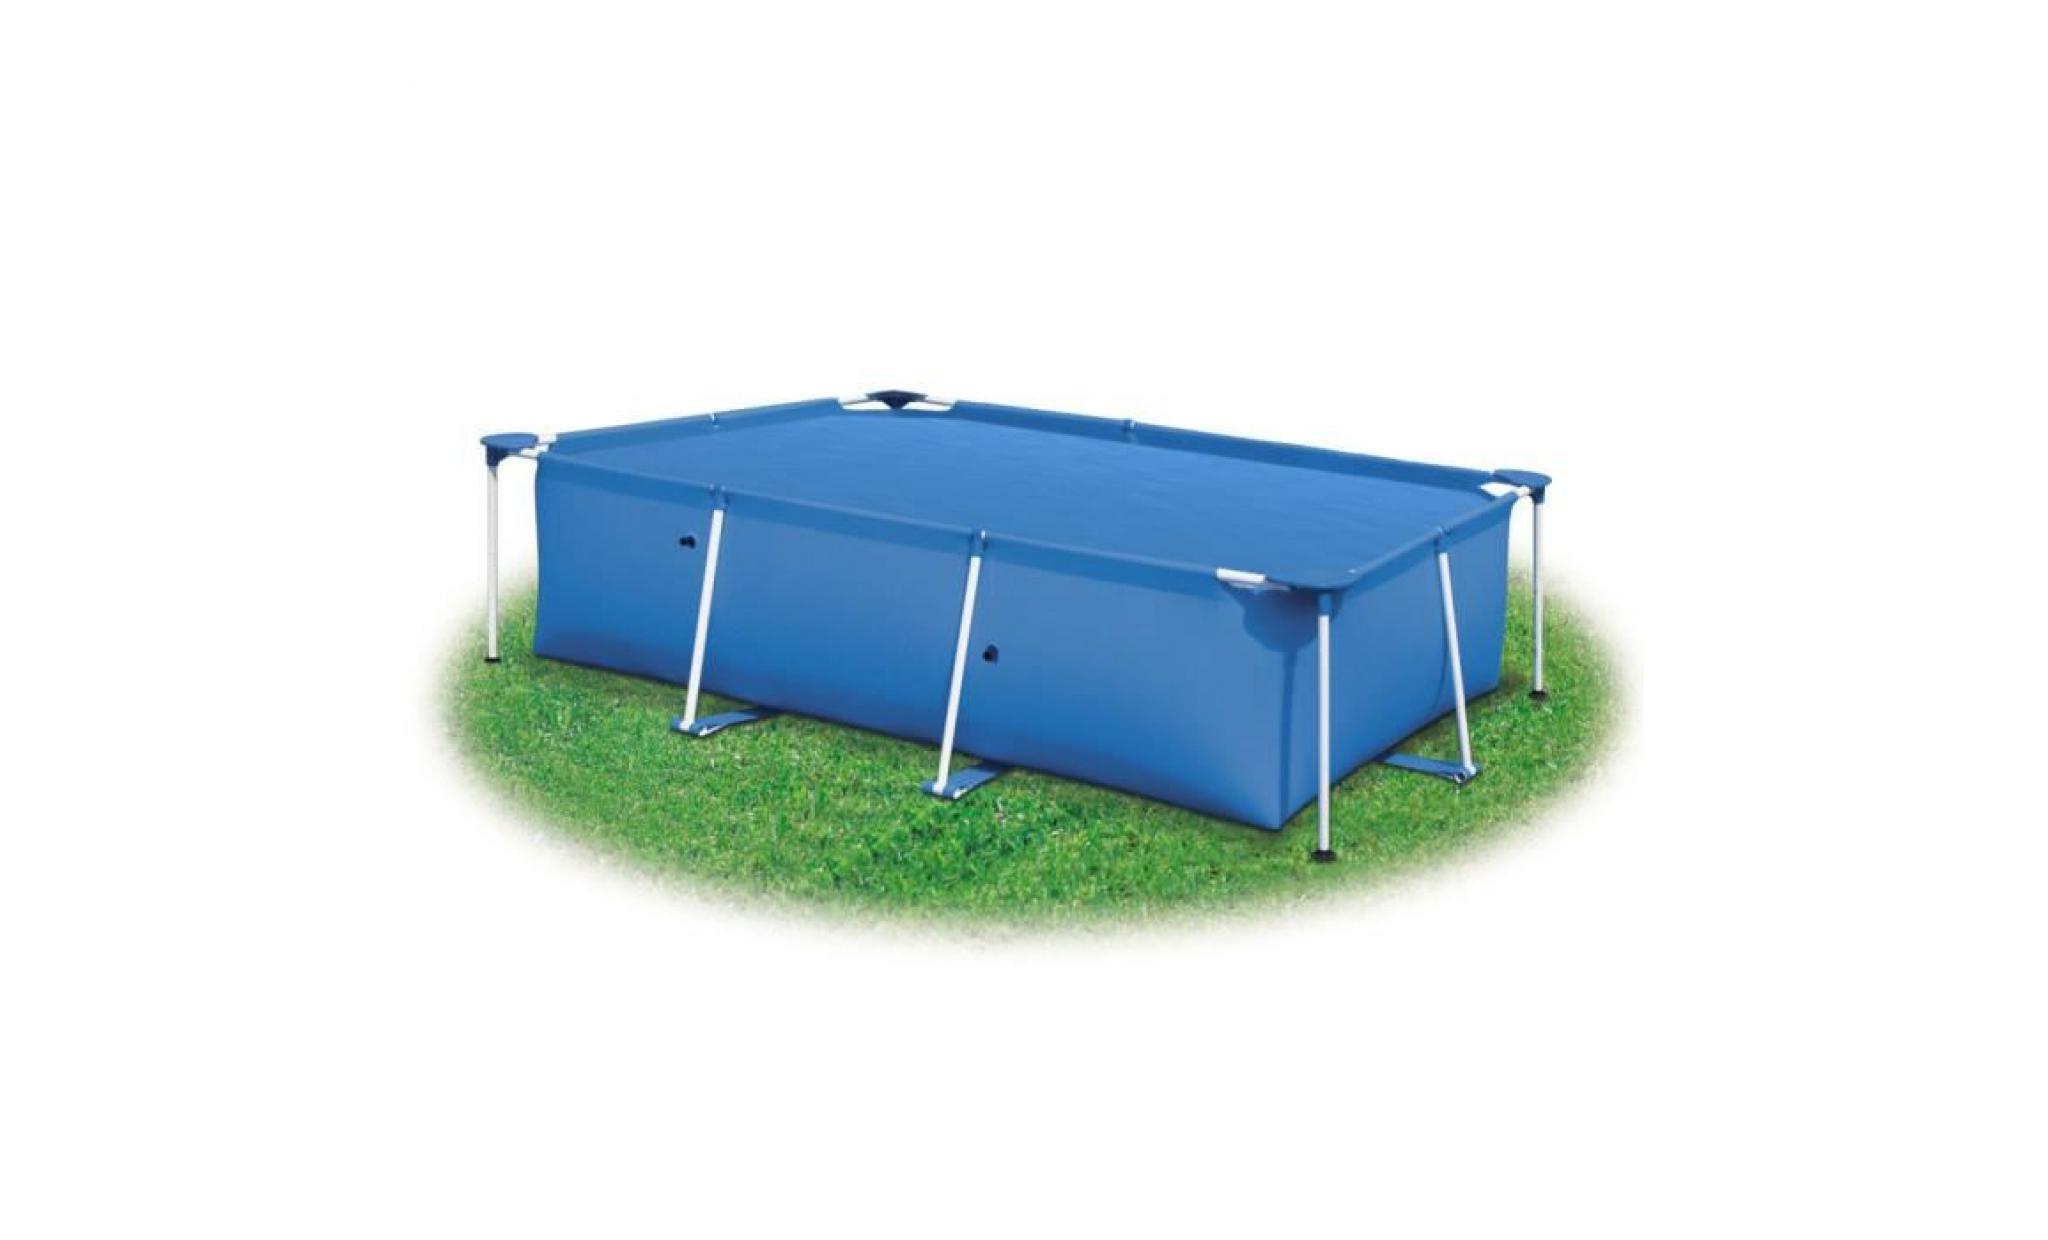 b che de piscine bleue rectangulaire en pe 260 x 160 cm. Black Bedroom Furniture Sets. Home Design Ideas